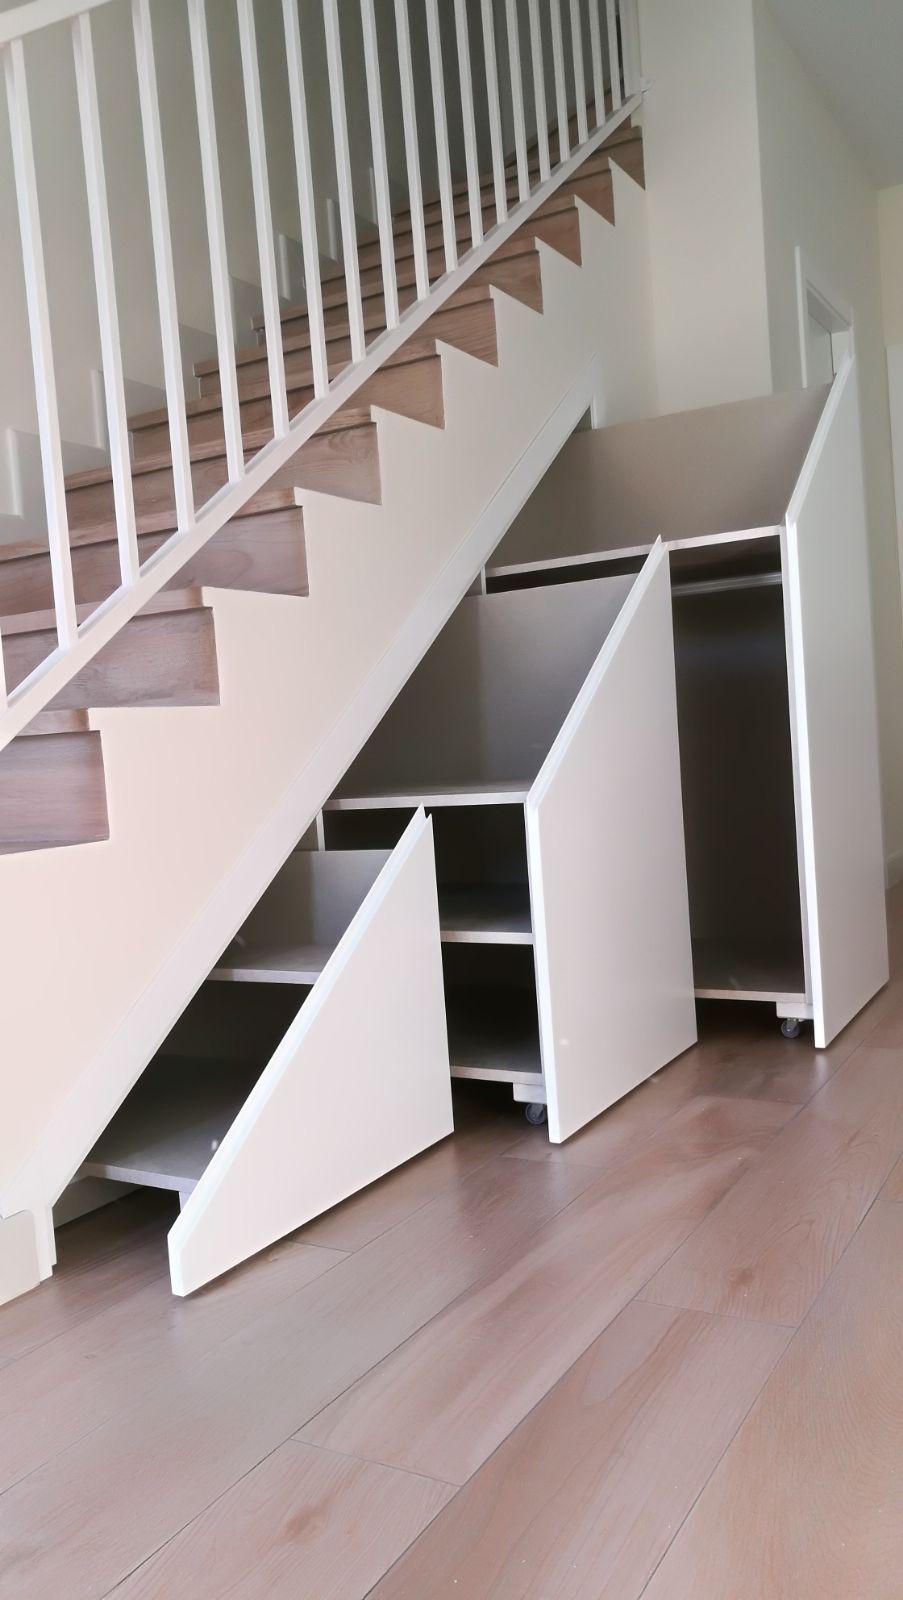 Mueble bajo escalera archivos apimad muebles valverde - Muebles bajo escalera ...